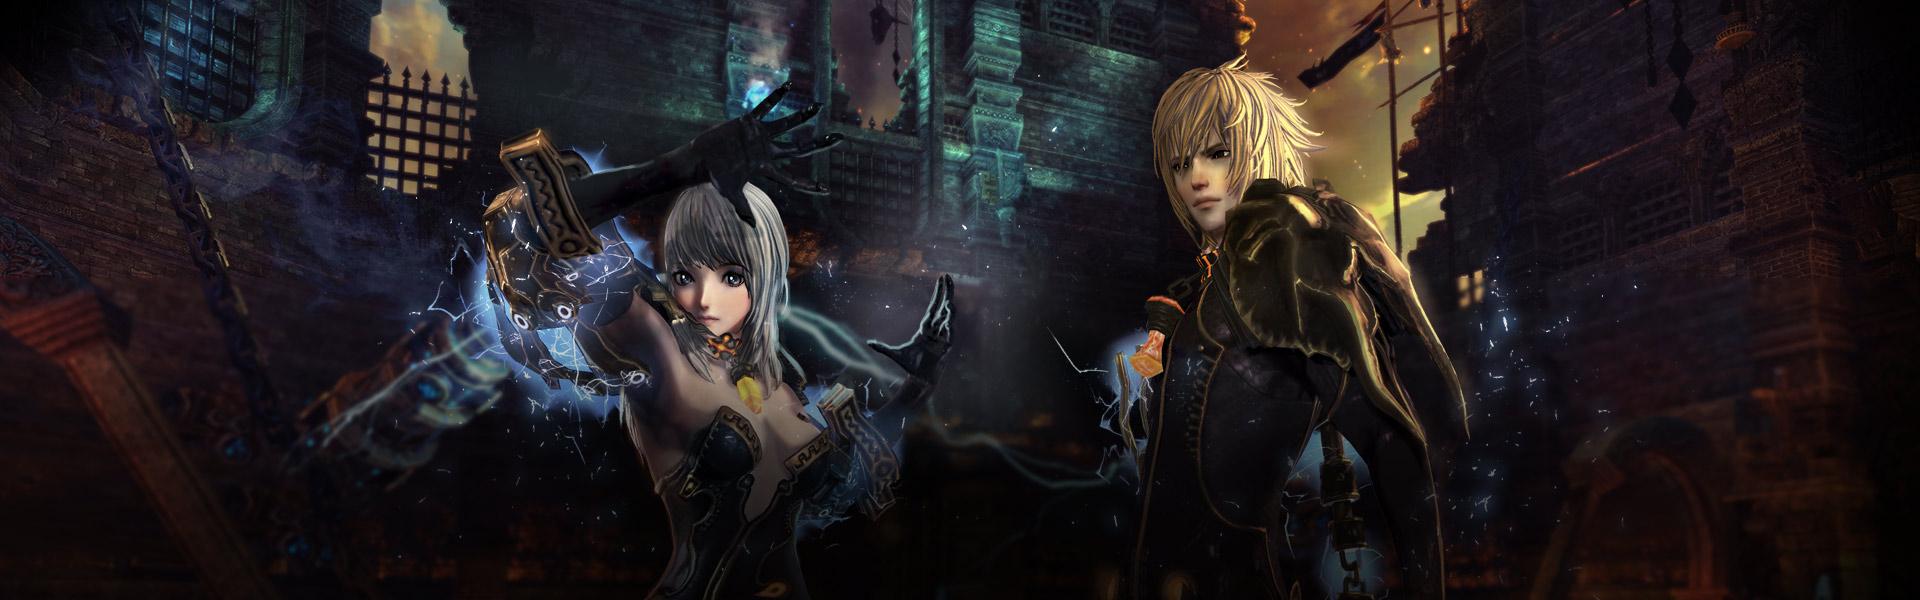 """Blade & Soul: Update """"Verlassene Gruft"""" online – Neues Endgame Dungeon"""